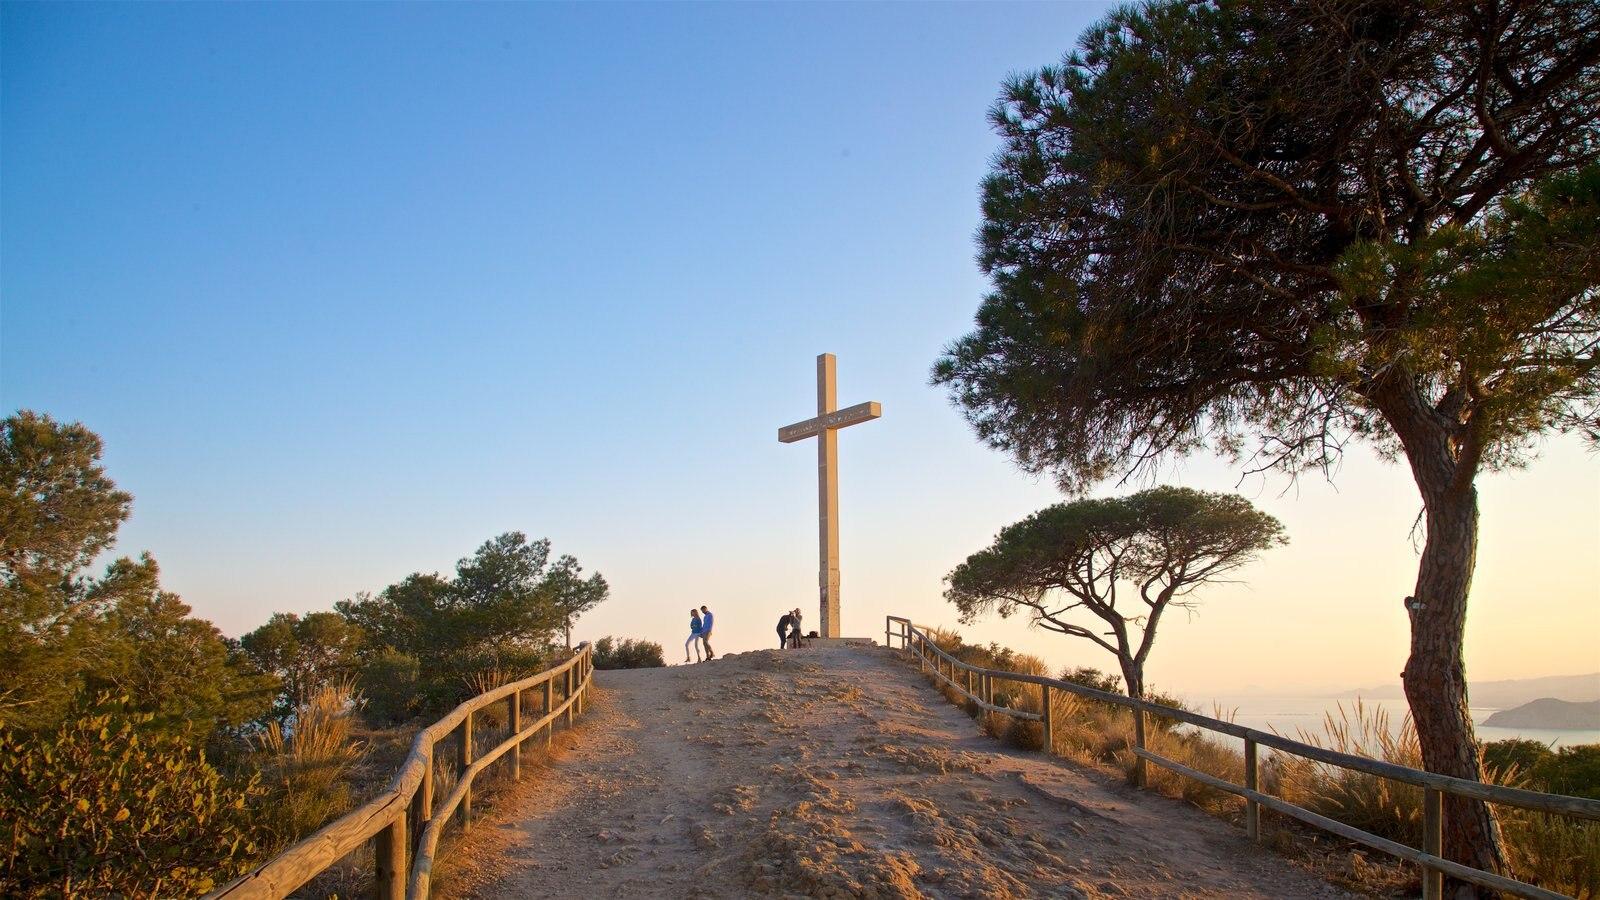 La Cruz de Benidorm que incluye elementos religiosos, vistas y un monumento